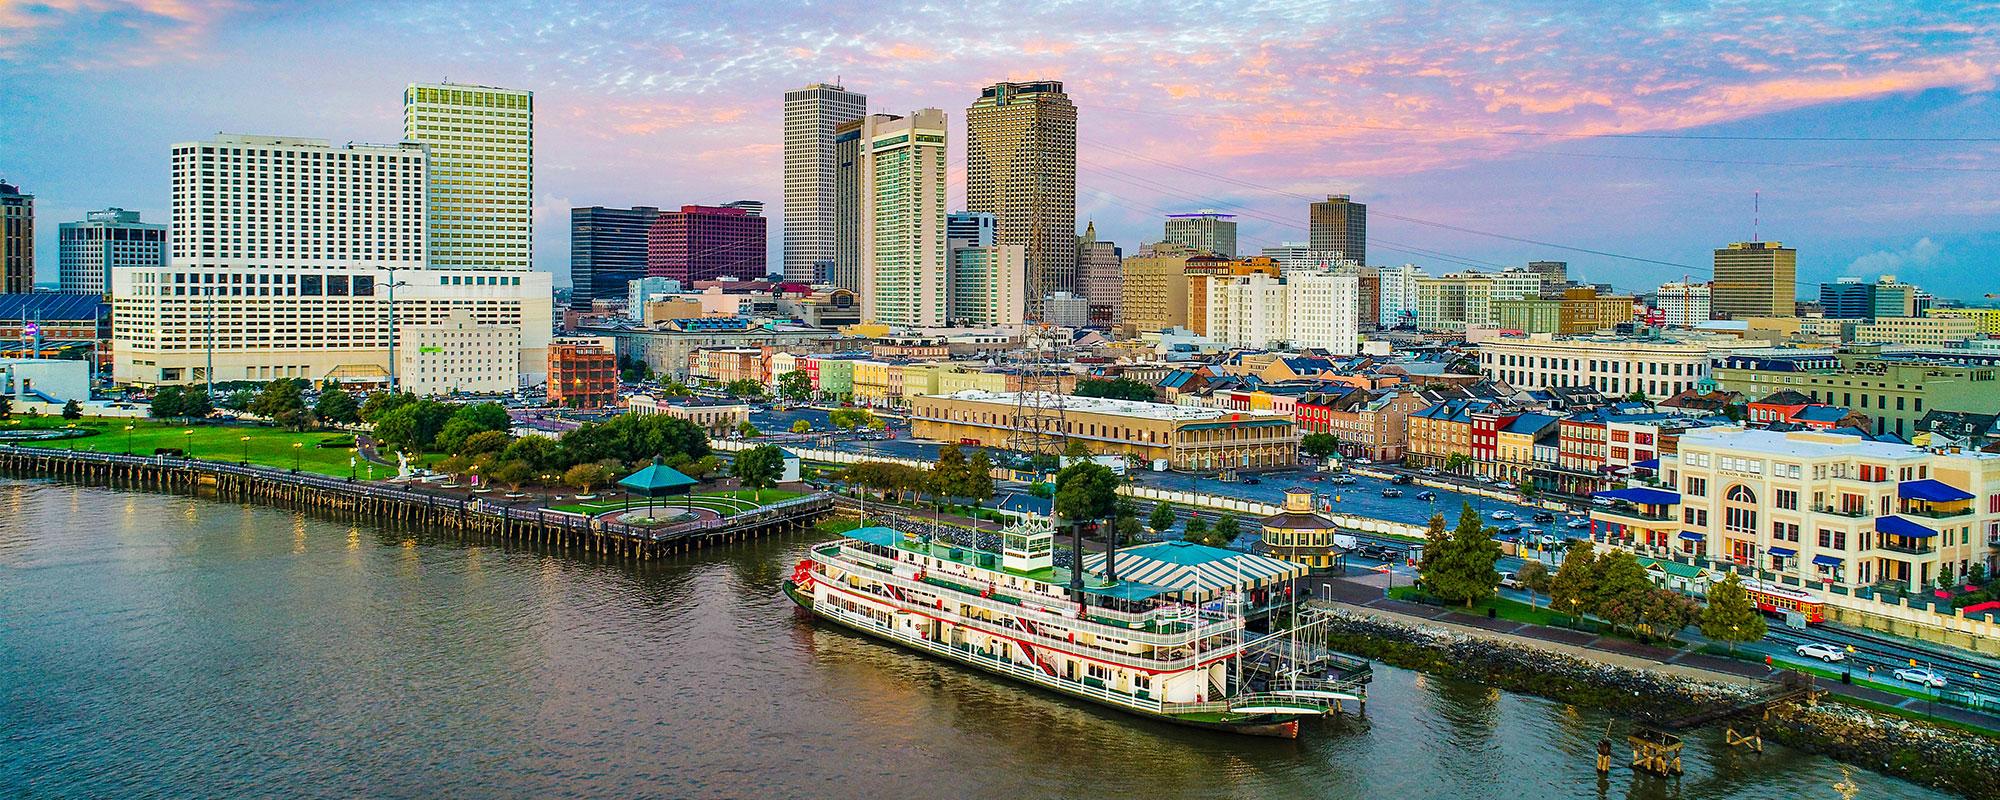 Greater New Orleans 988429871.jpg